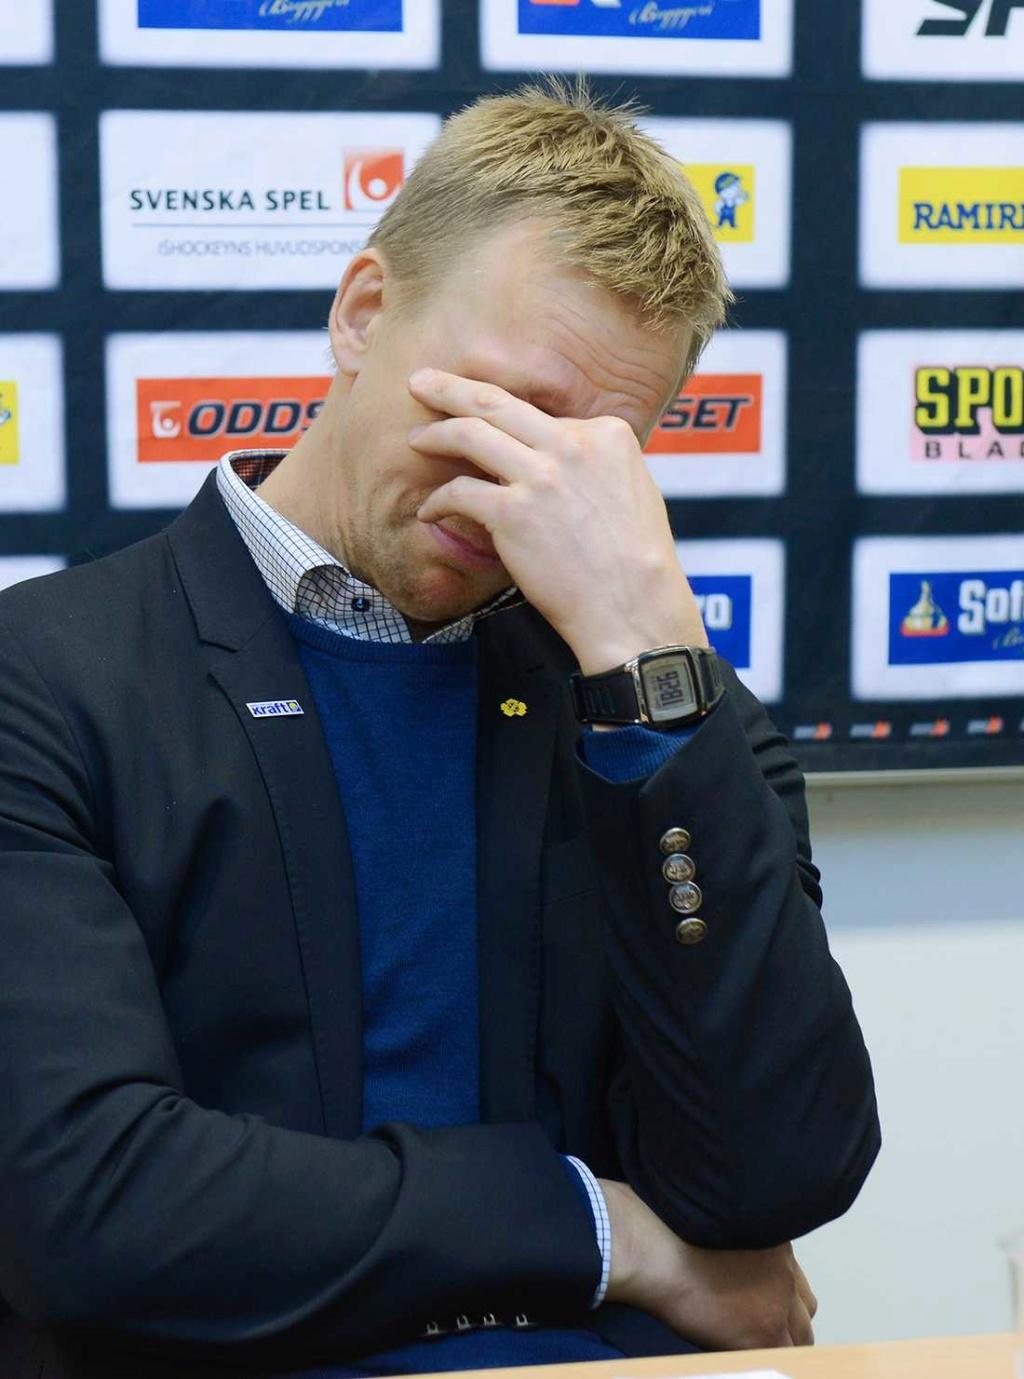 2019-09-26, SHL-match 5, Luleå - Linköping - Sida 3 96840d10